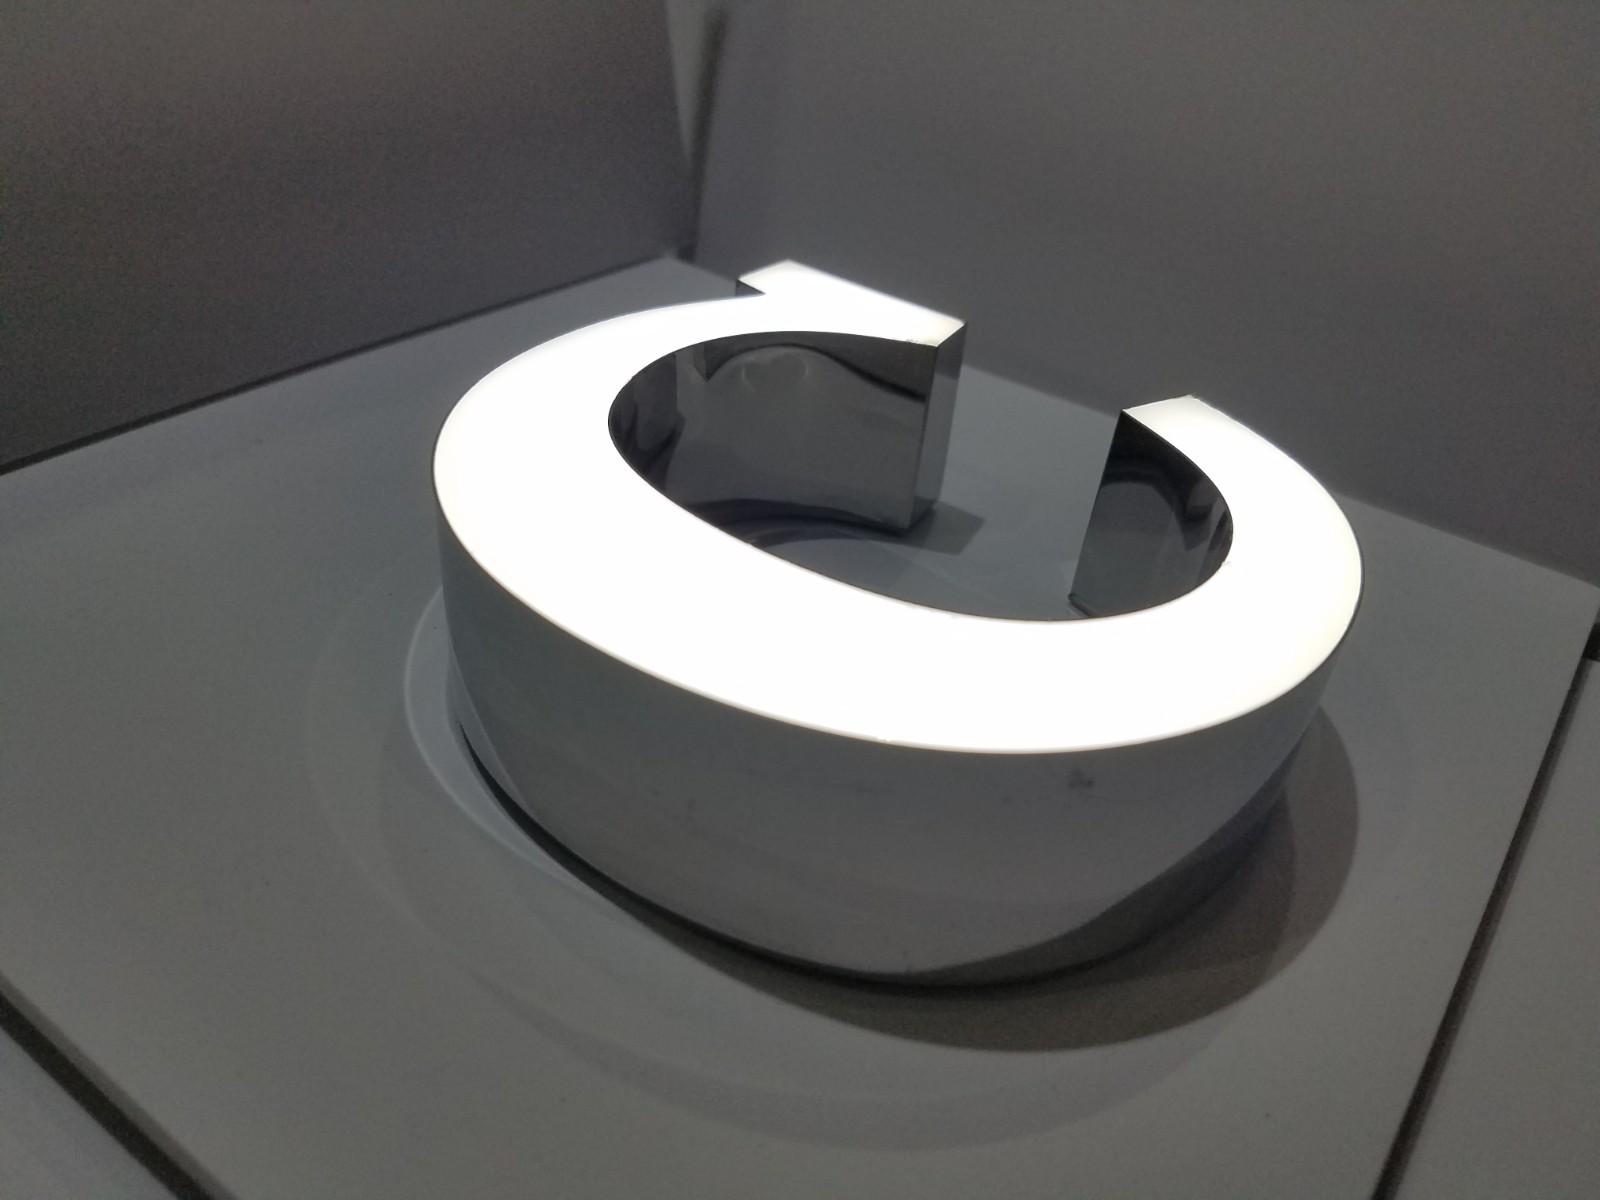 LEDサイン DELIGHT 前面発光 Front Lit 側面ステンレス 前面樹脂